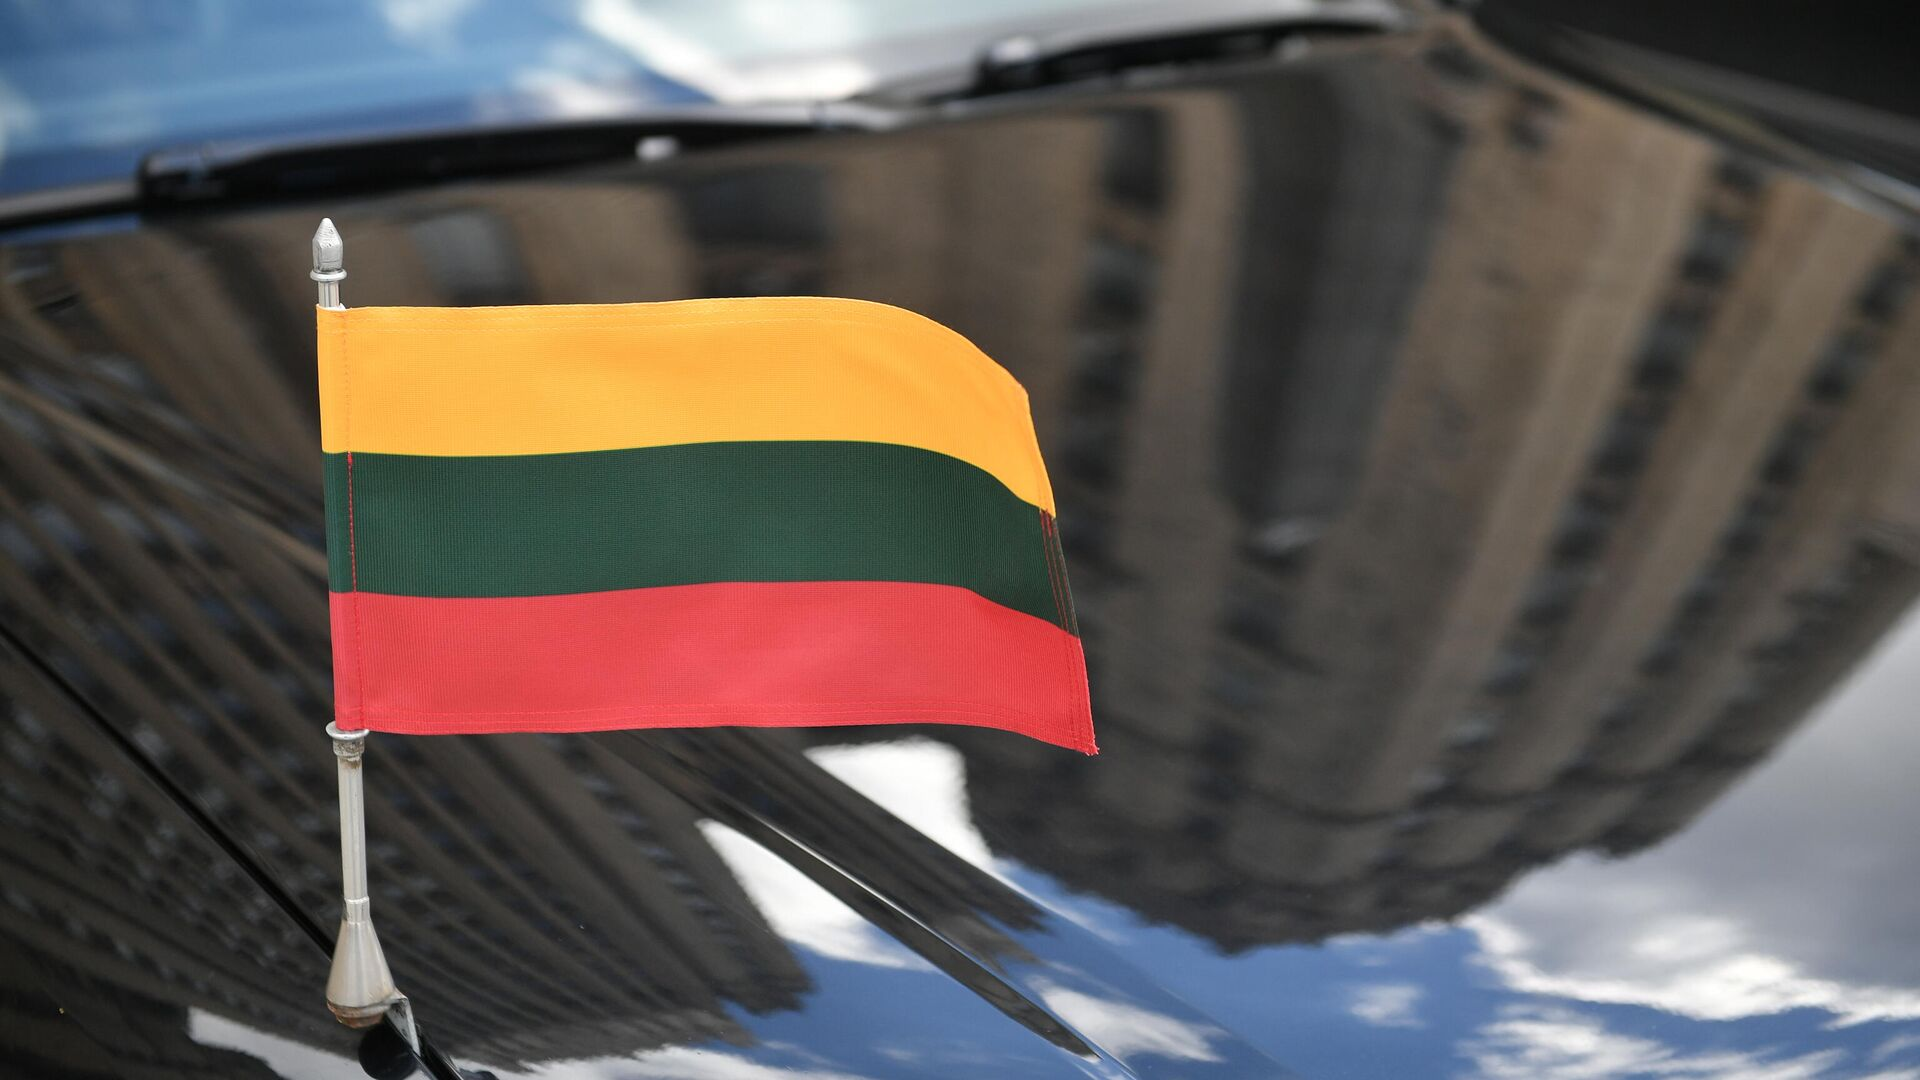 Автомобиль посла Литвы у здания МИД РФ в Москве - РИА Новости, 1920, 16.06.2021